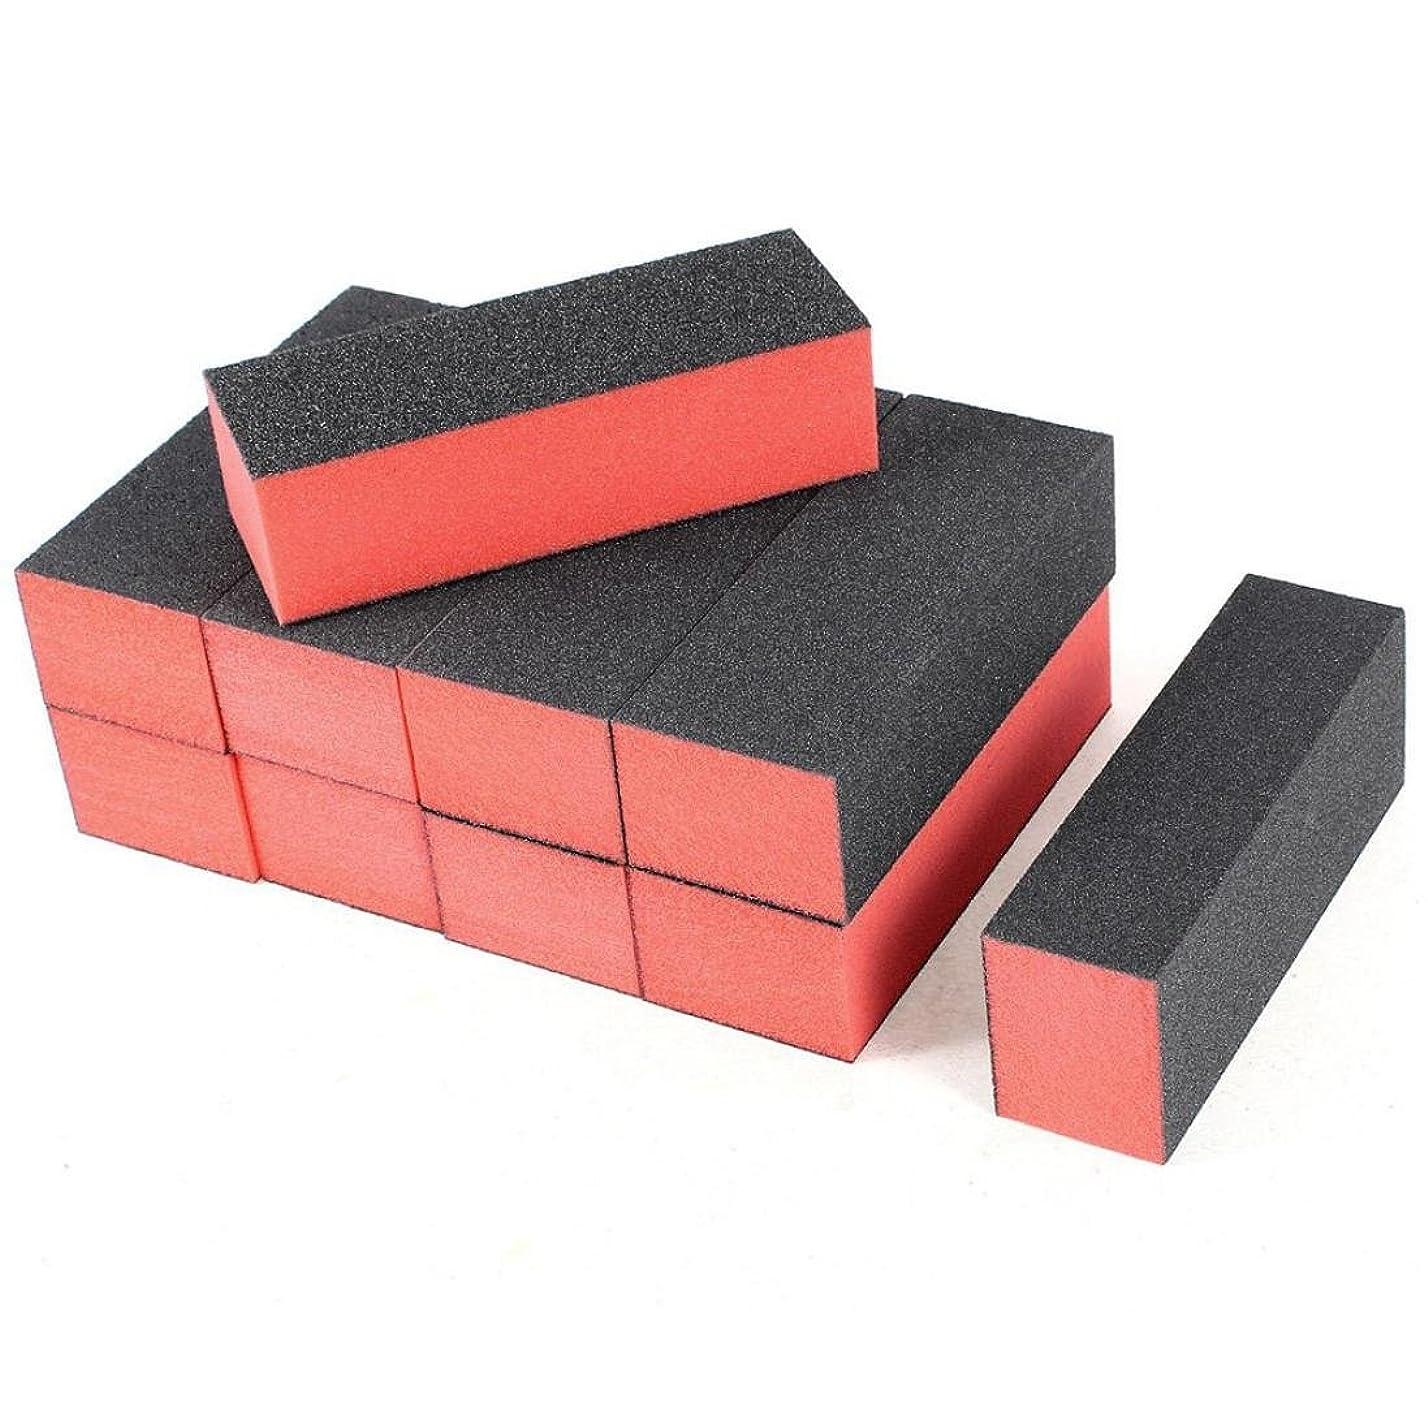 実業家帆爵SakuraBest 10PC Nail Art Care Buffer Buffing Sanding Block Files